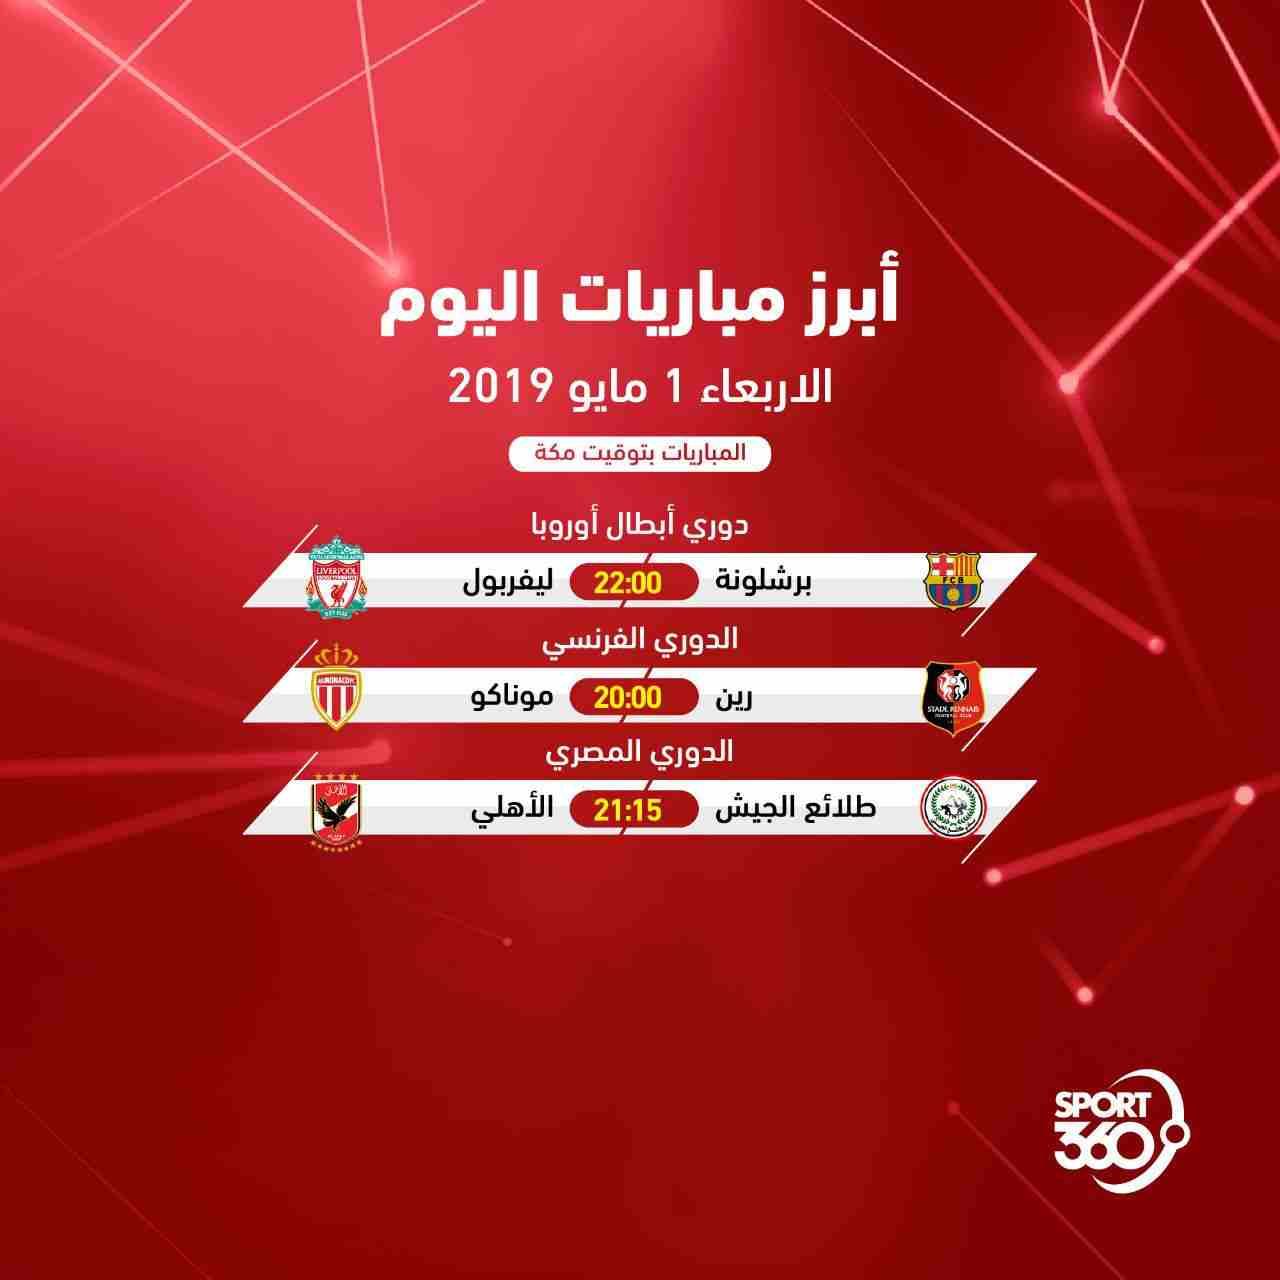 مواعيد مباريات اليوم: جدول مواعيد مباريات اليوم والقنوات الناقلة .. الأربعاء 1